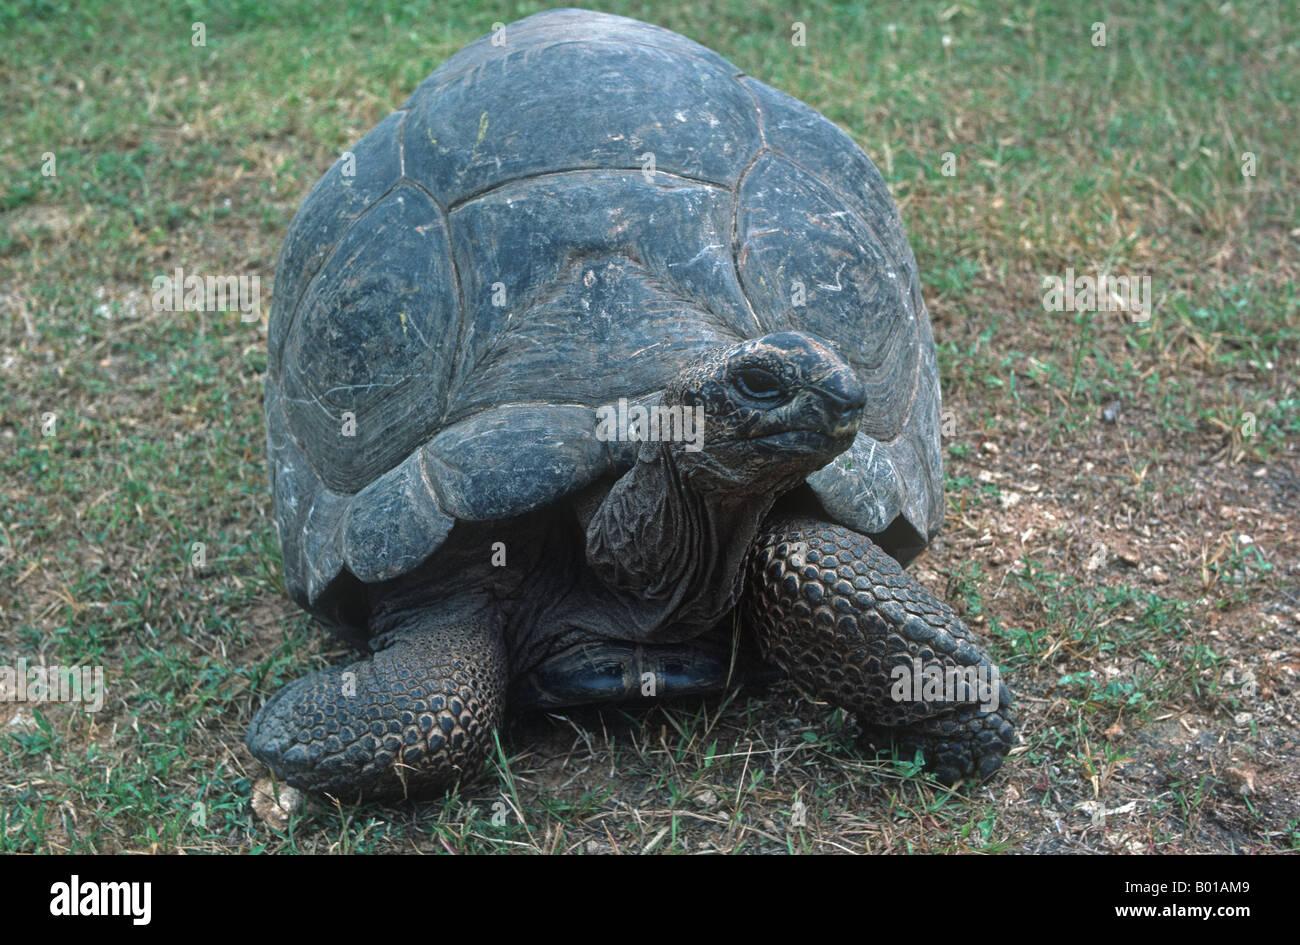 Giant tortoise Testudo gigantea native in Aldabra taken in Mombasa Kenya - Stock Image